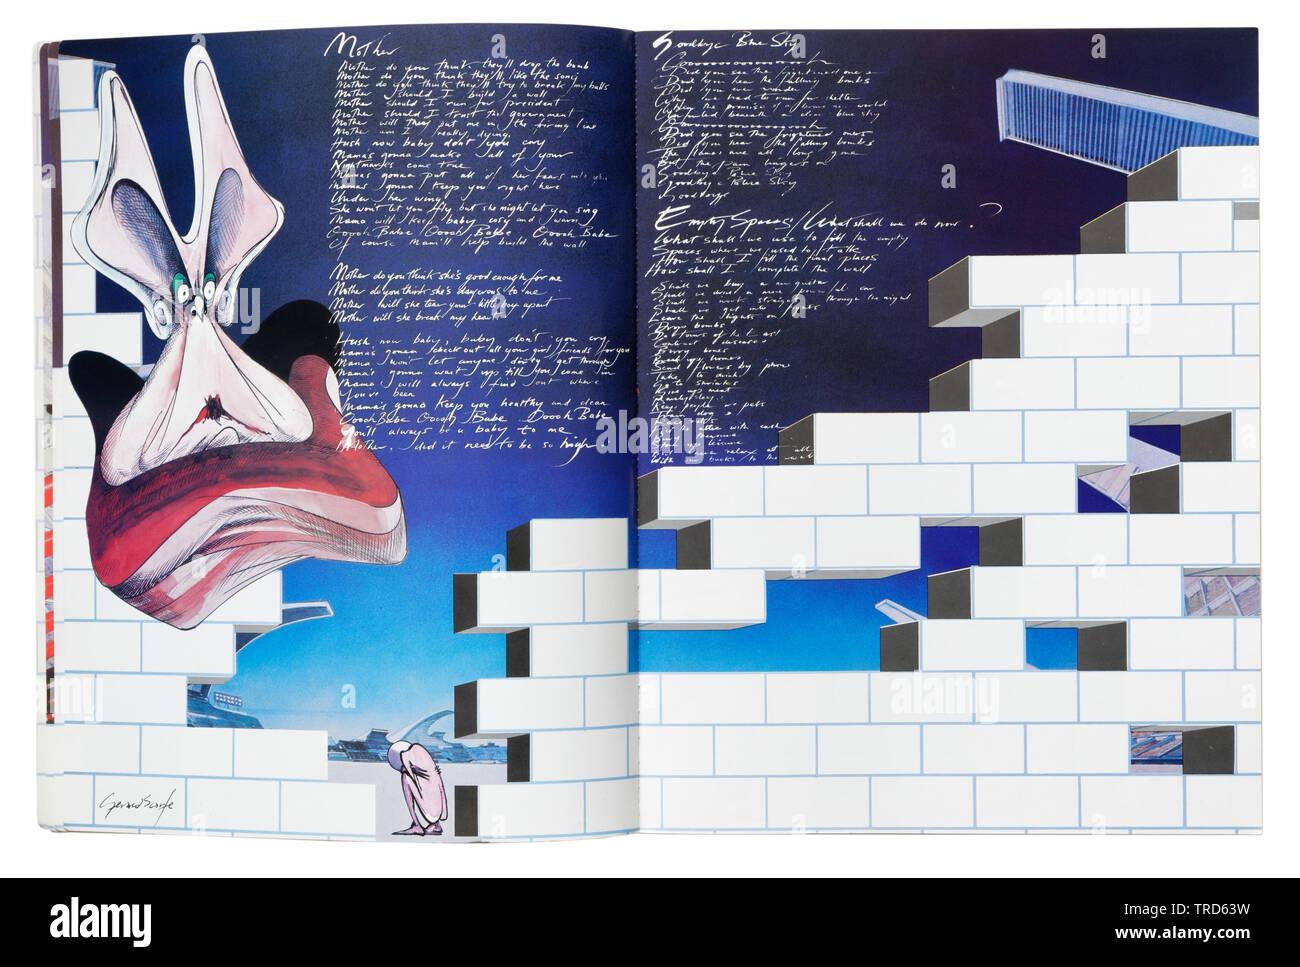 Illustrations du film par Gerald Scarfe et paroles de chanson dans le Pink Floyd The Wall livre tablatures guitare Photo Stock